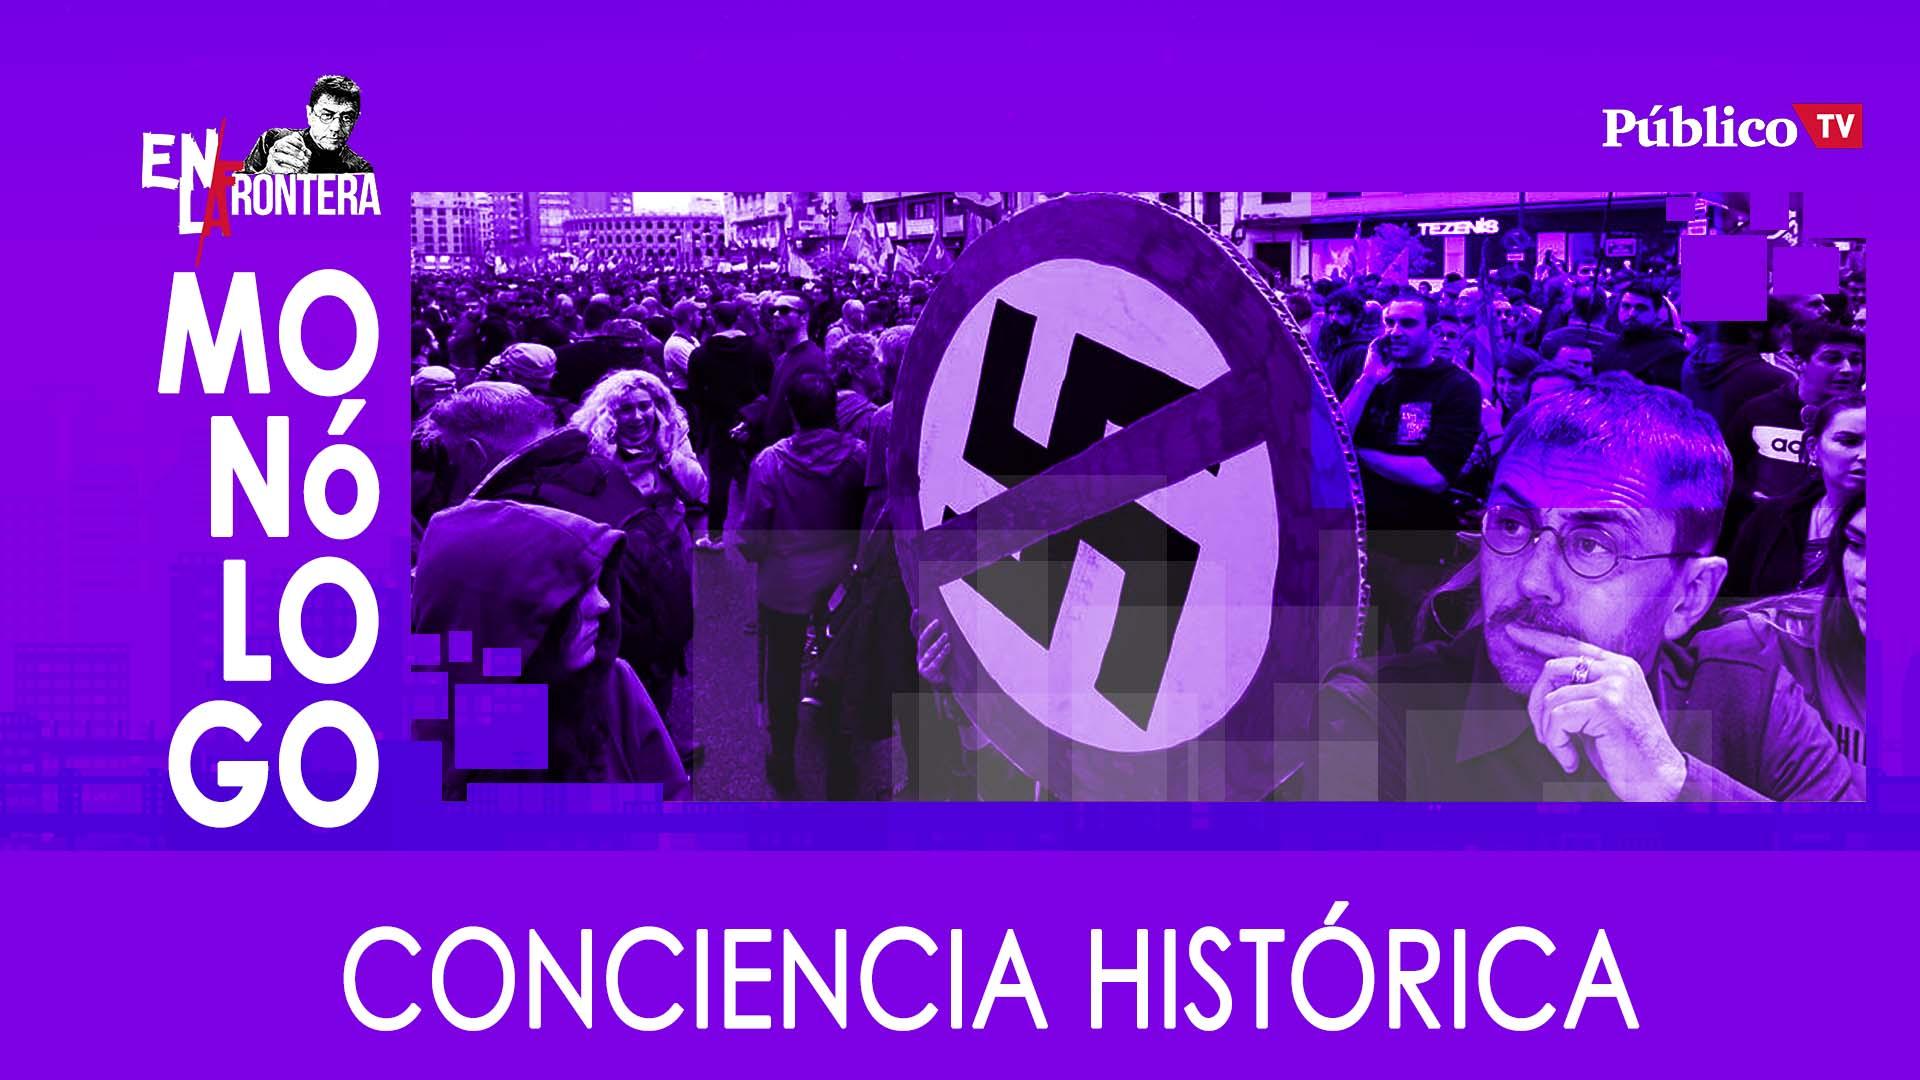 Monólogo: conciencia histórica – En La Frontera, 23 de Enero de 2020